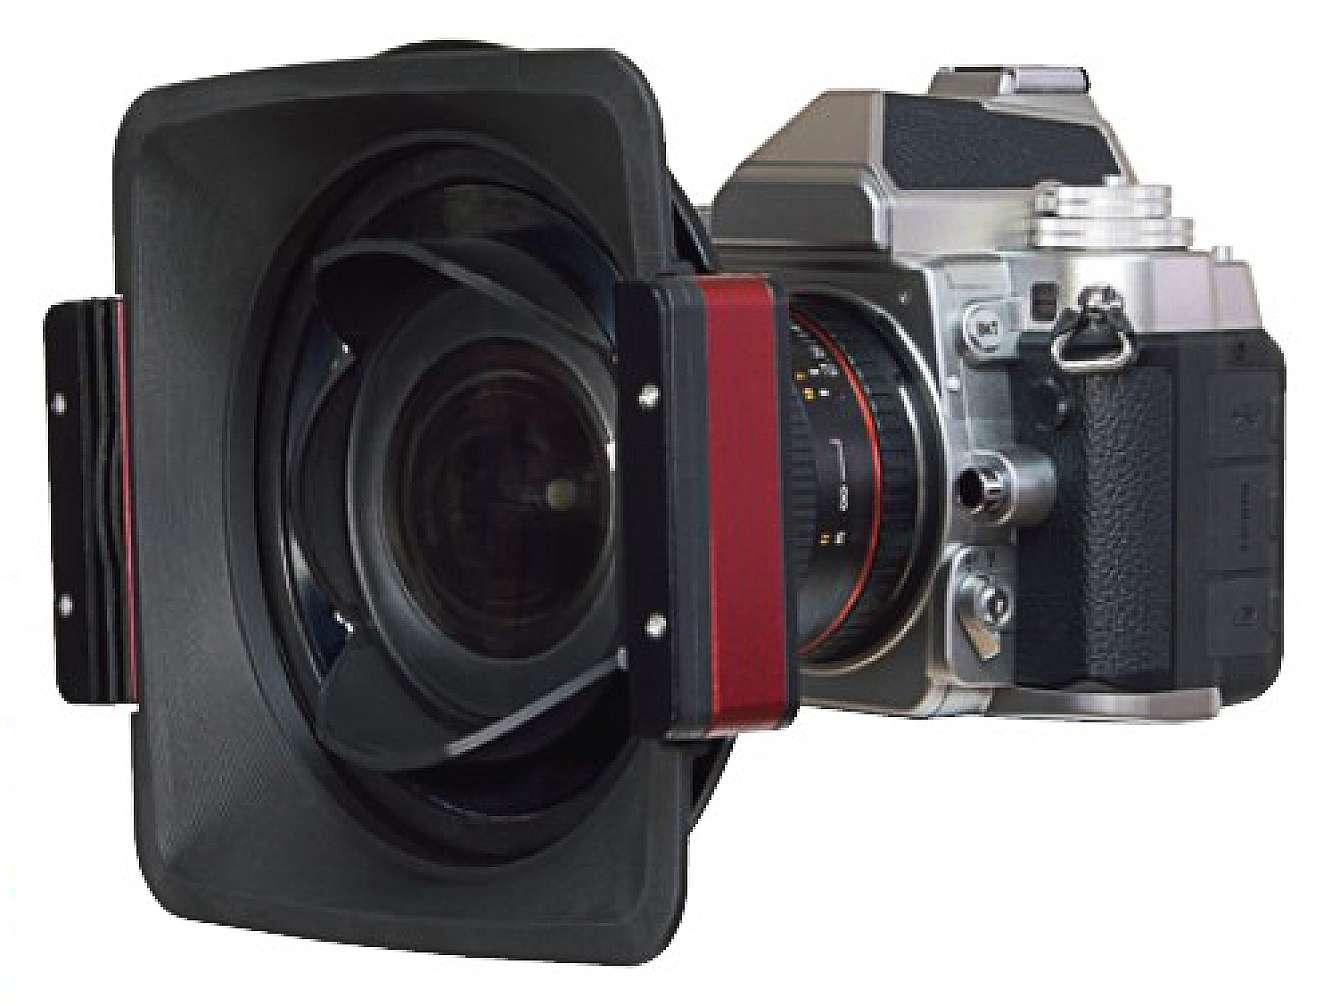 En filterhållare monterad på en kamera